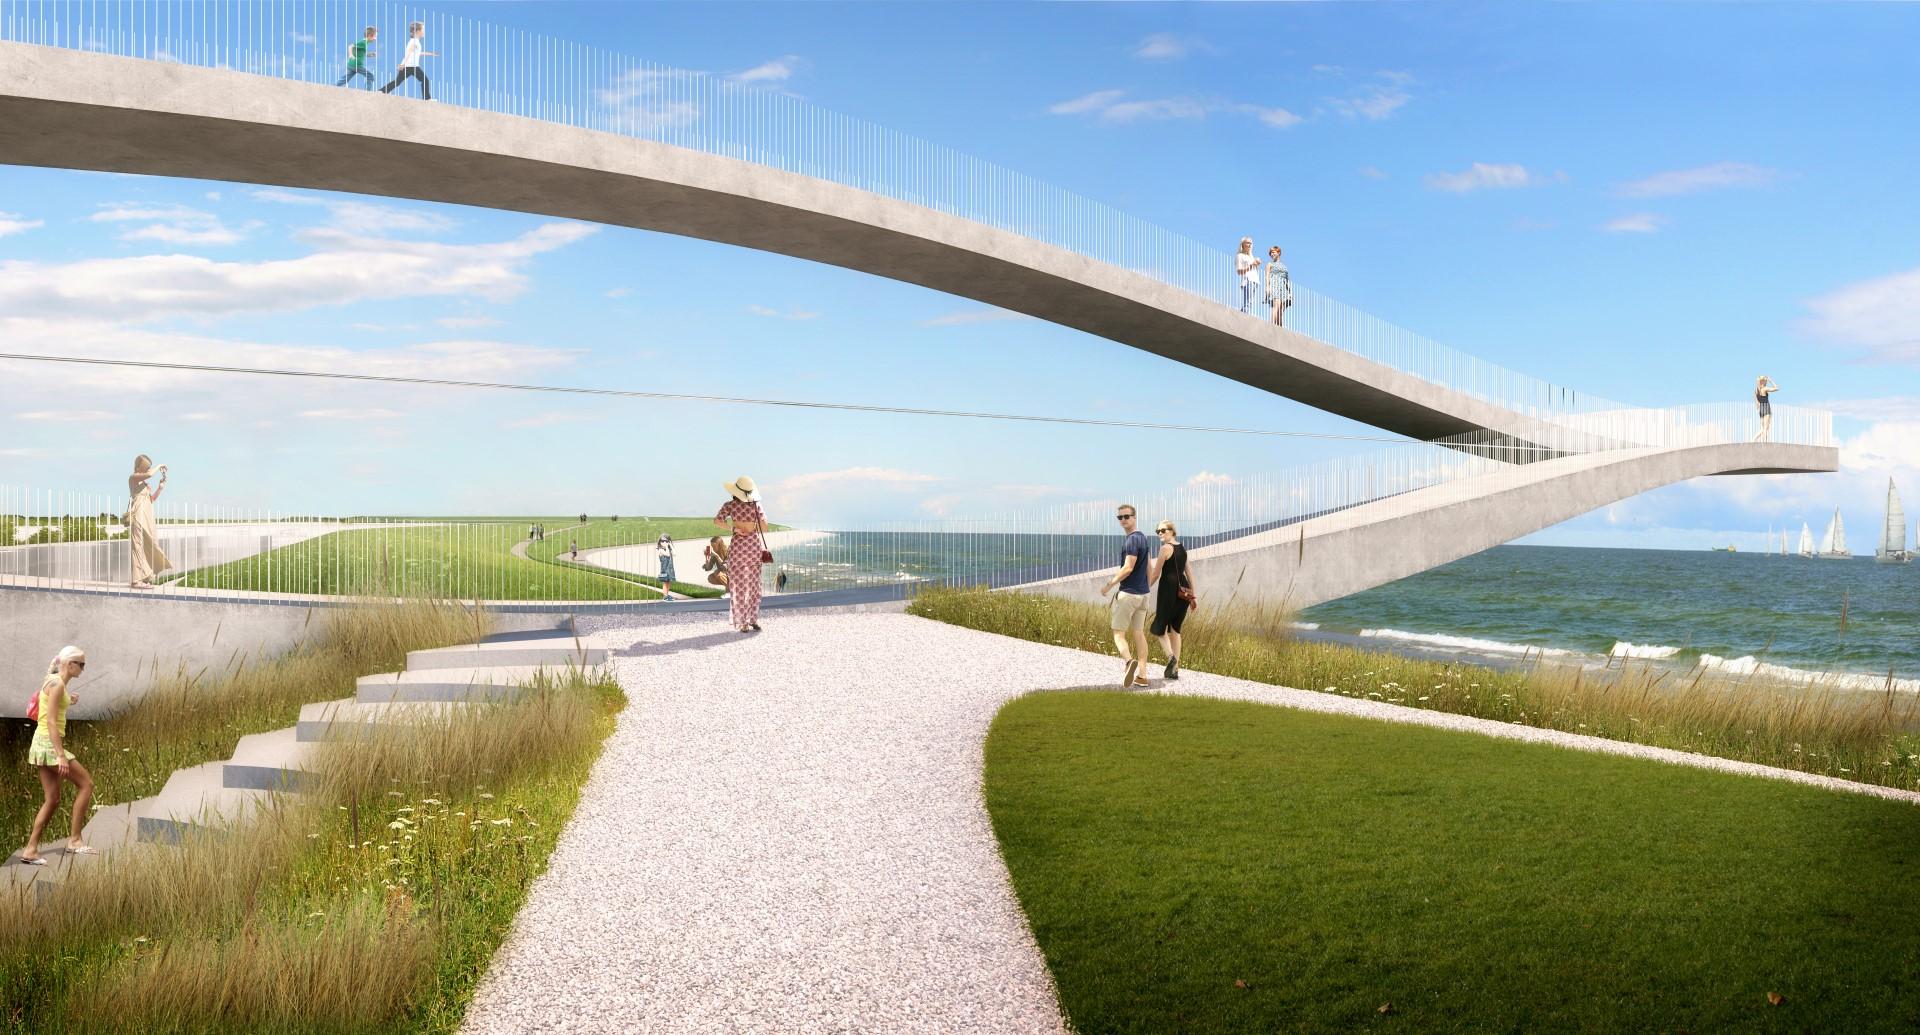 Wellicht kijkt men in de toekomst via dit icoon uit over het Marsdiep en Den Helder. (Foto: Bureau MVRDV)